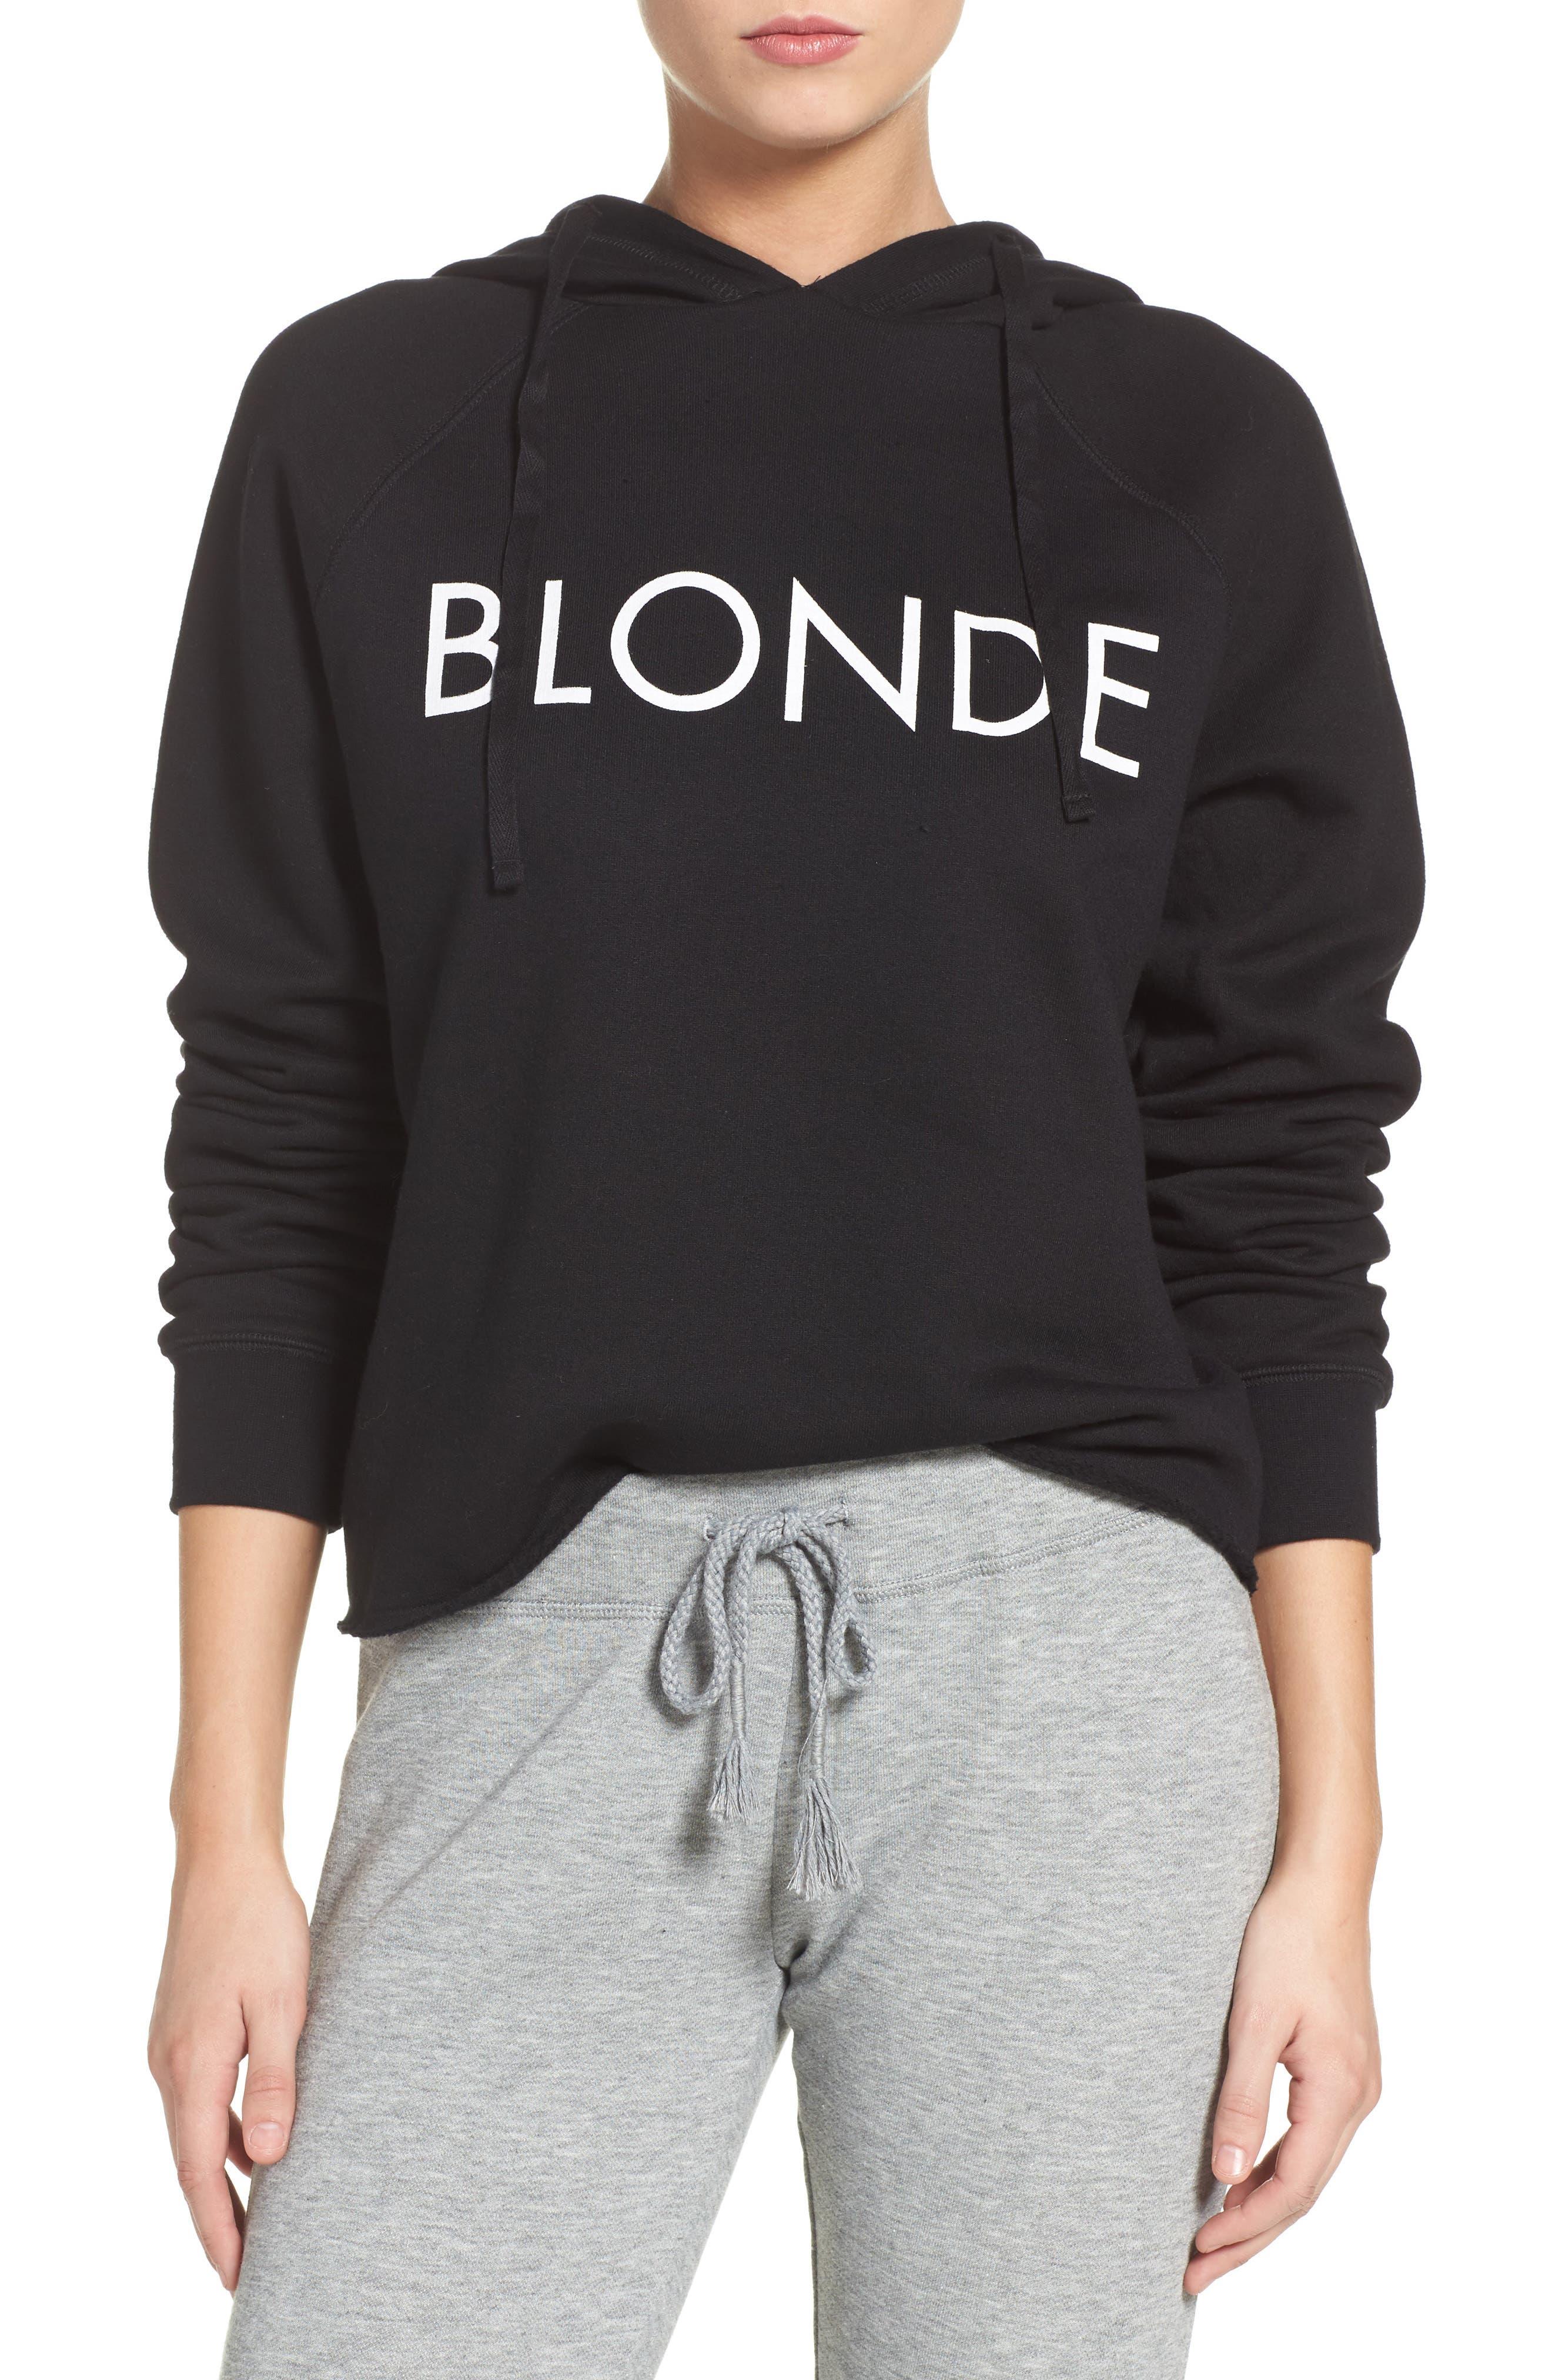 Blonde Lounge Hoodie,                         Main,                         color, Black